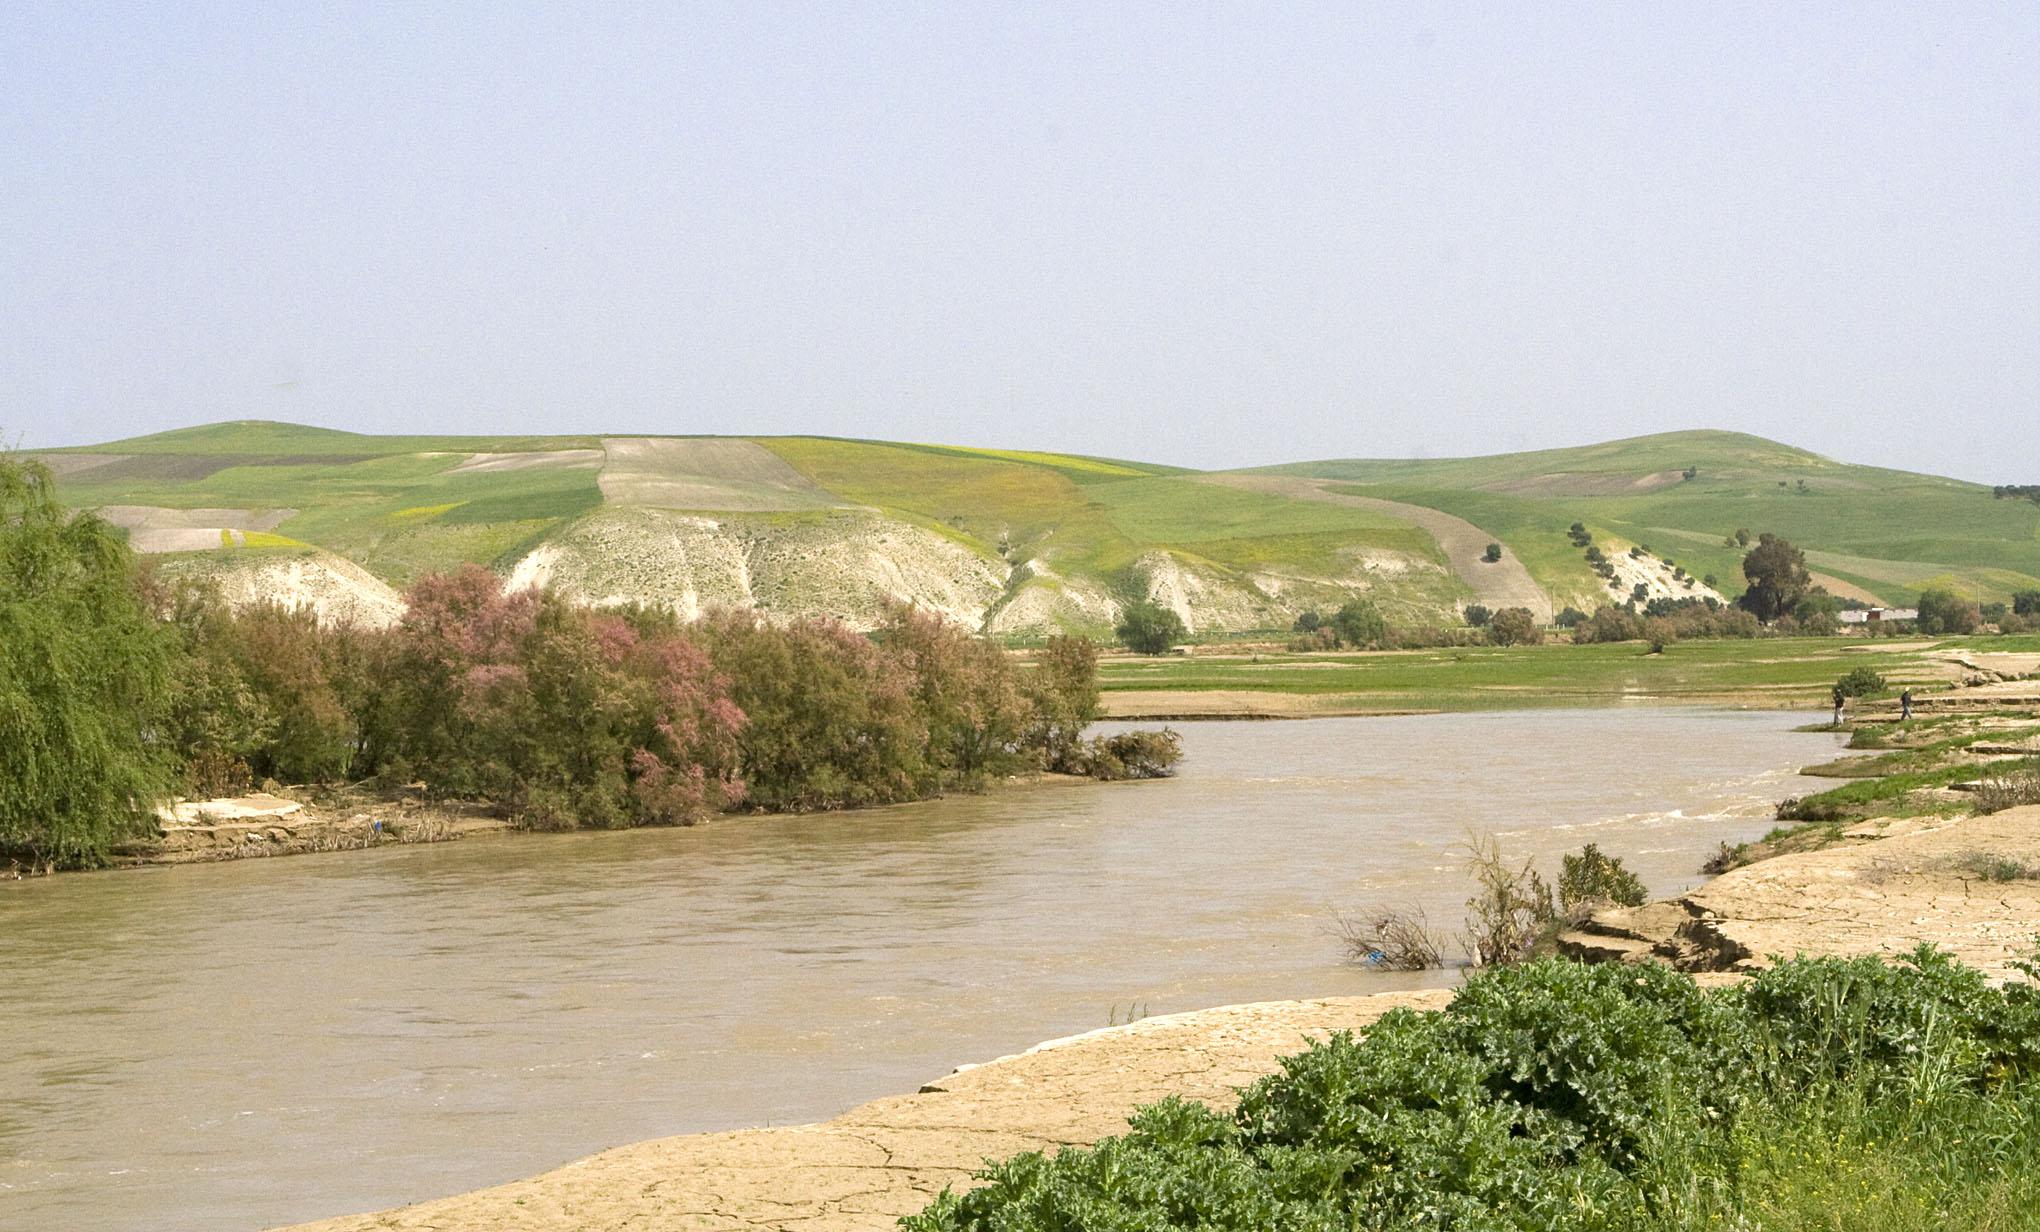 Sebou River - 1